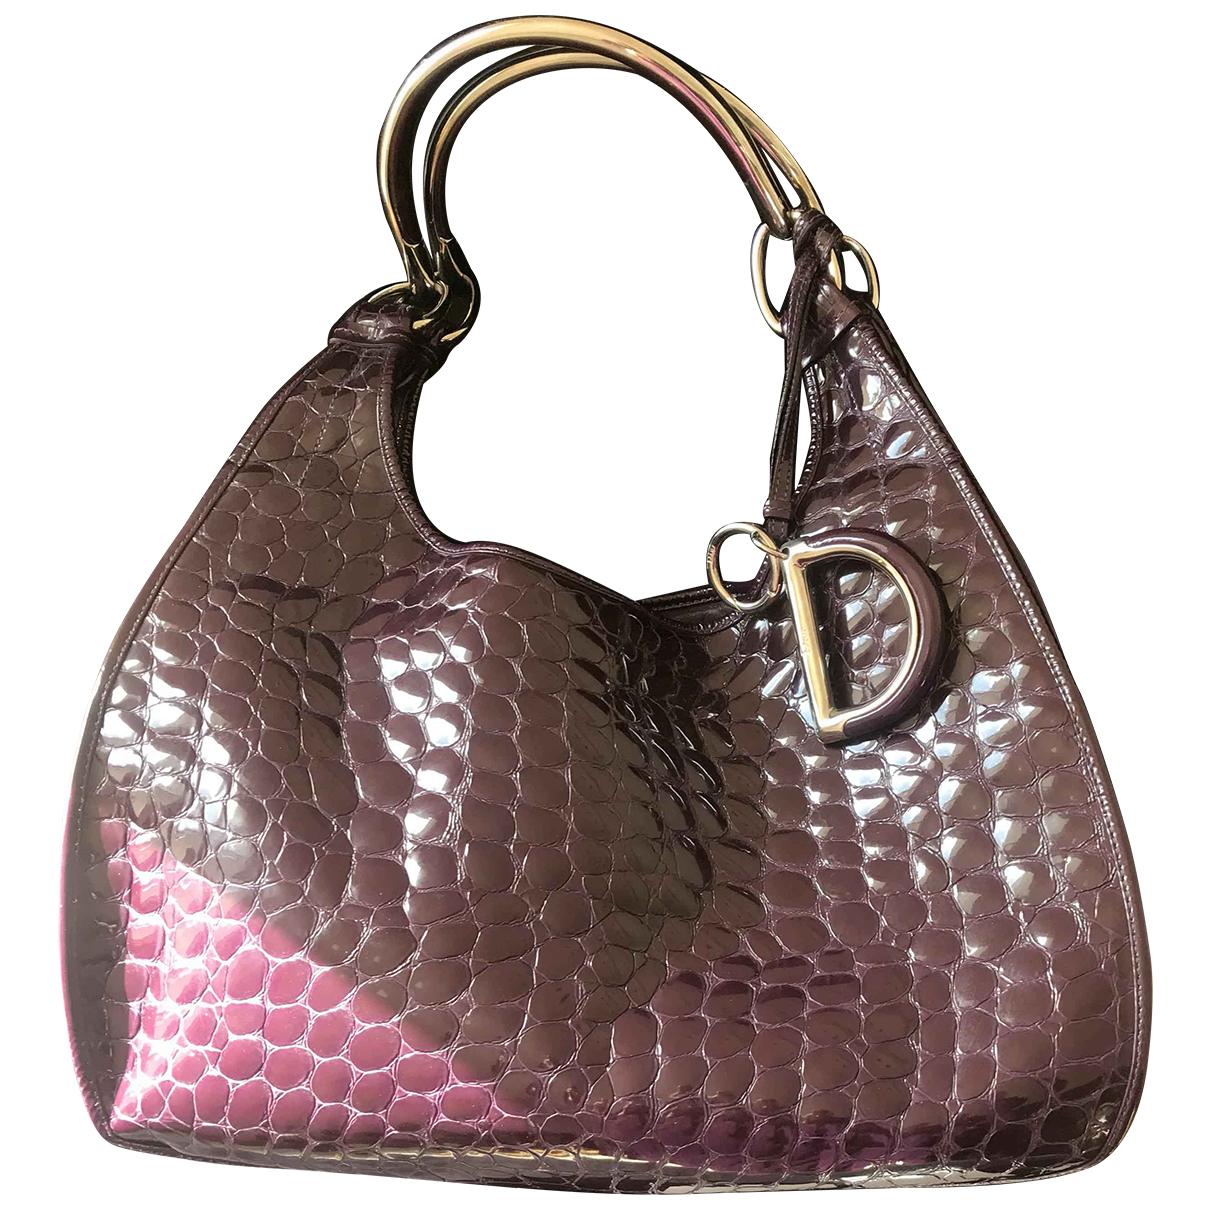 Dior - Sac a main 61 pour femme en cuir verni - violet